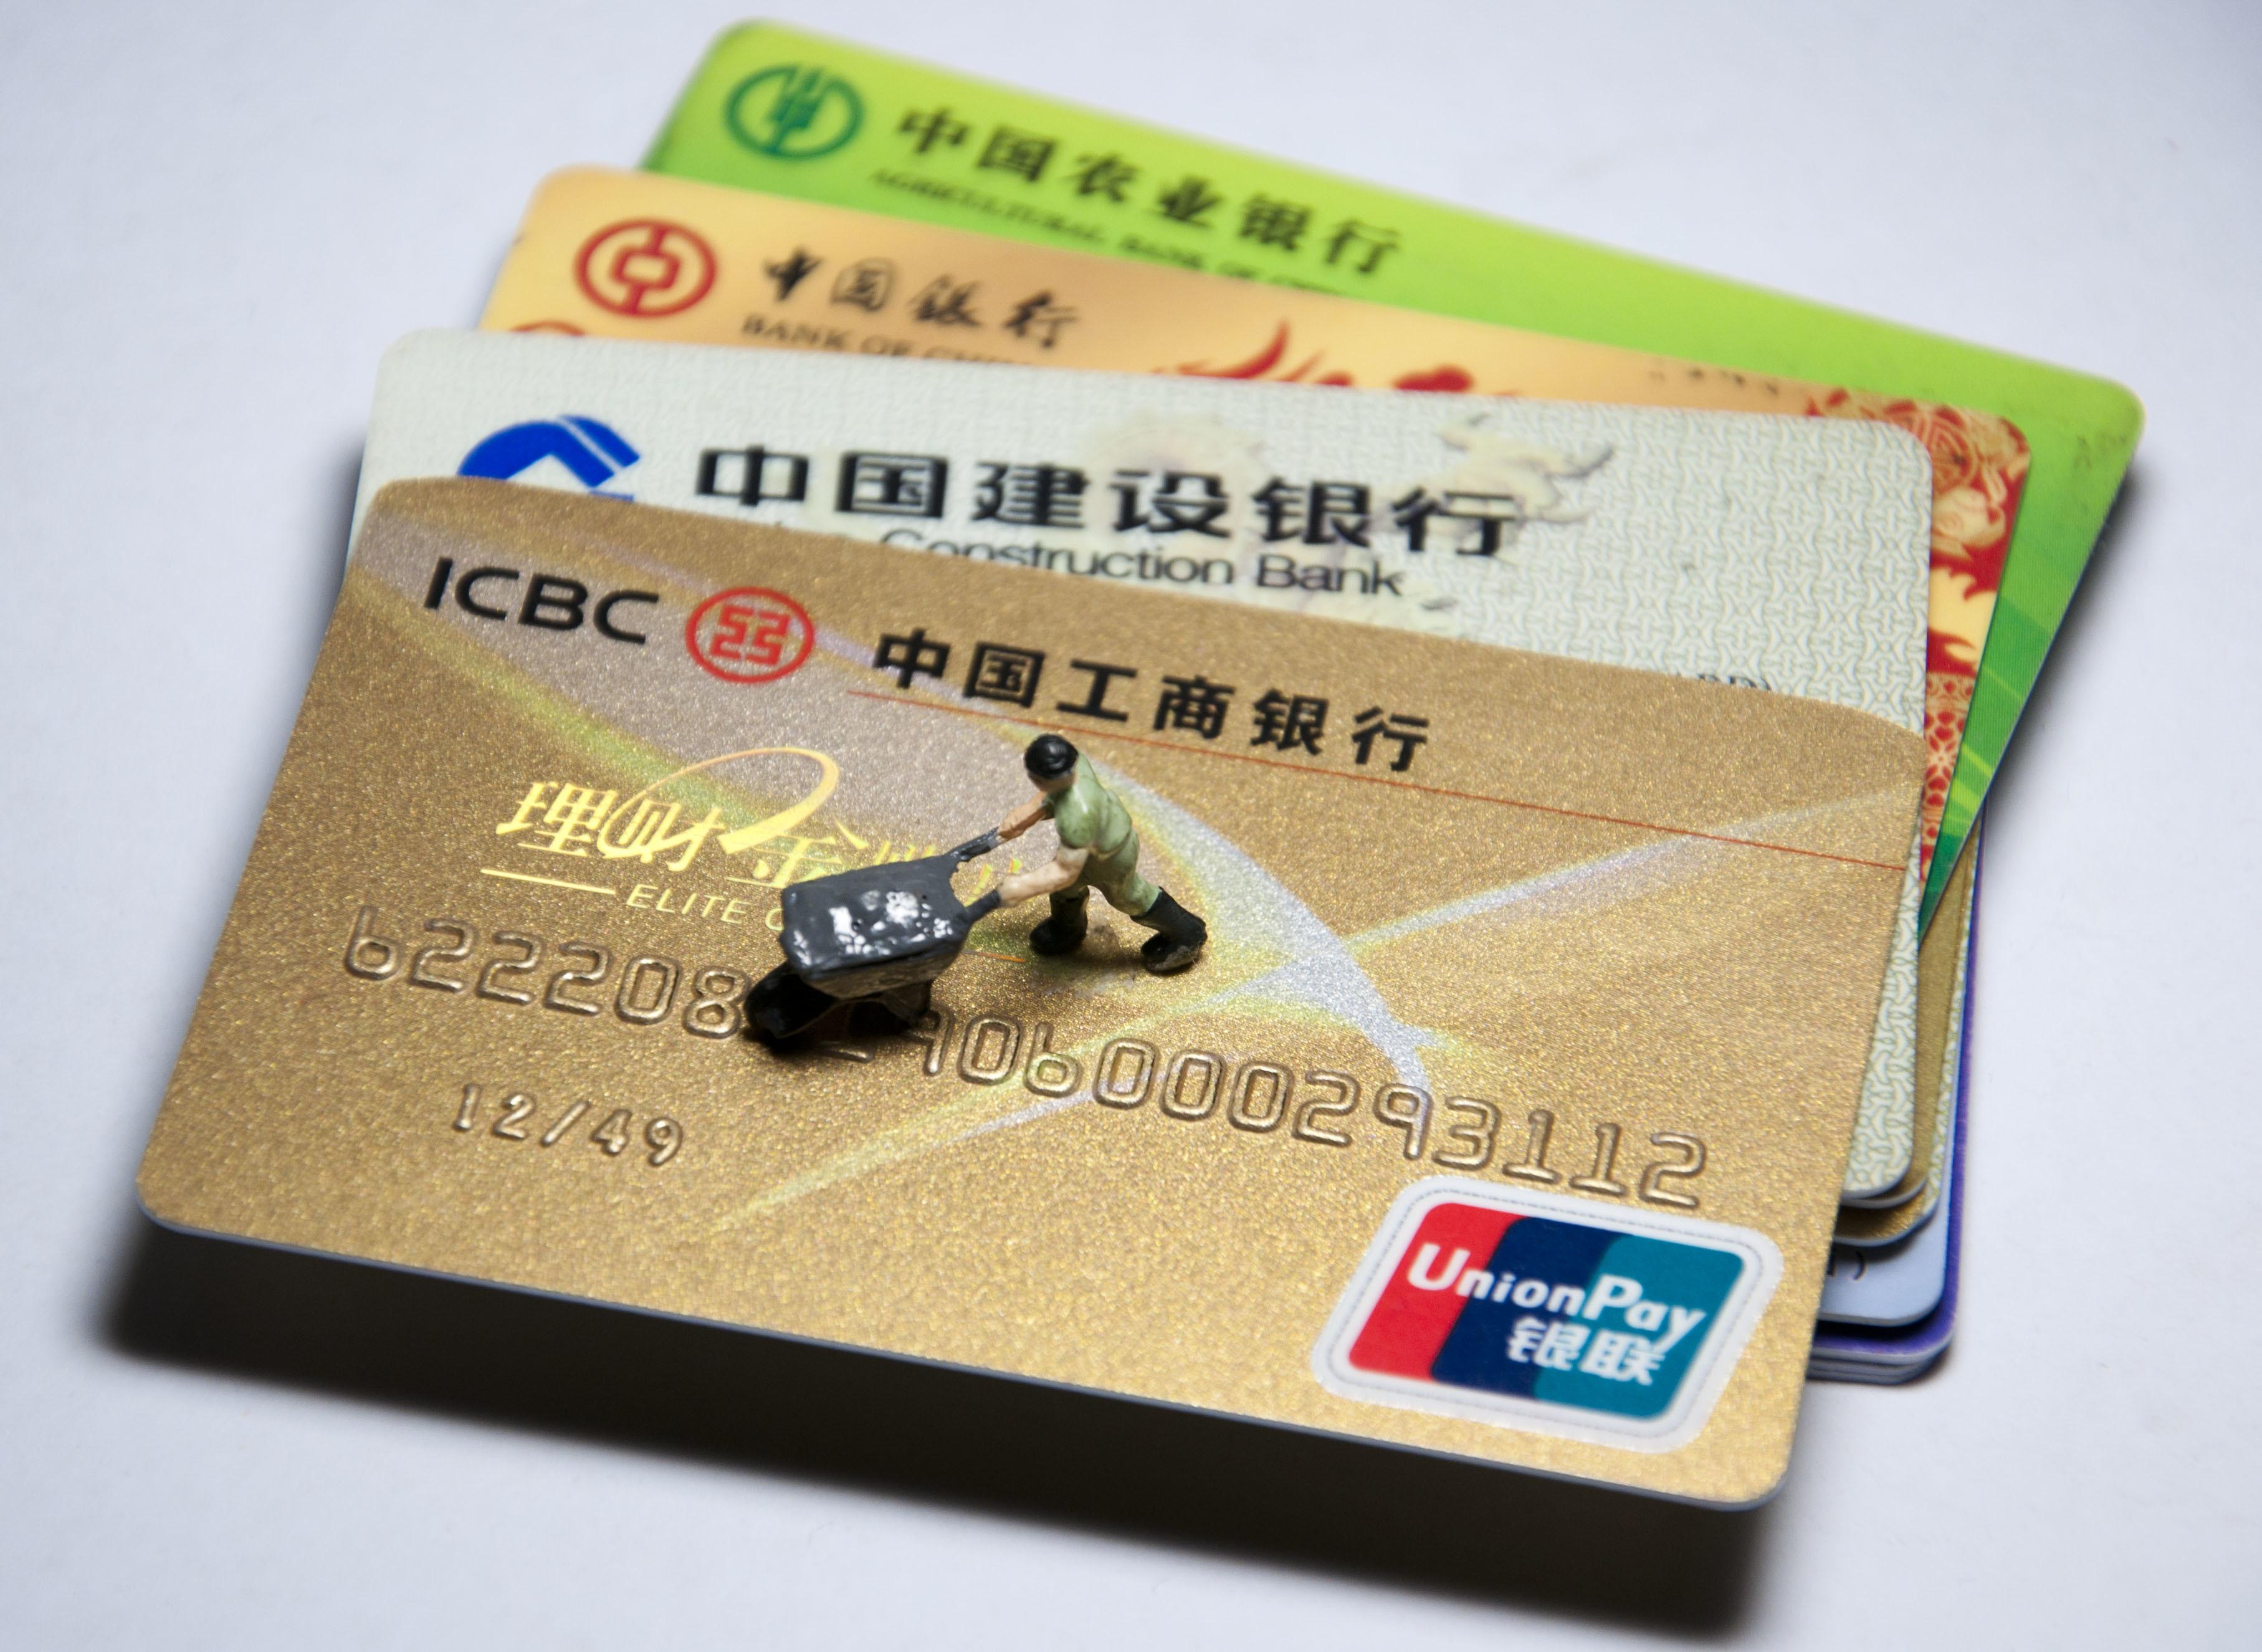 工行喜欢的持卡用户类型,记住这8点,白菜卡提额到5万!